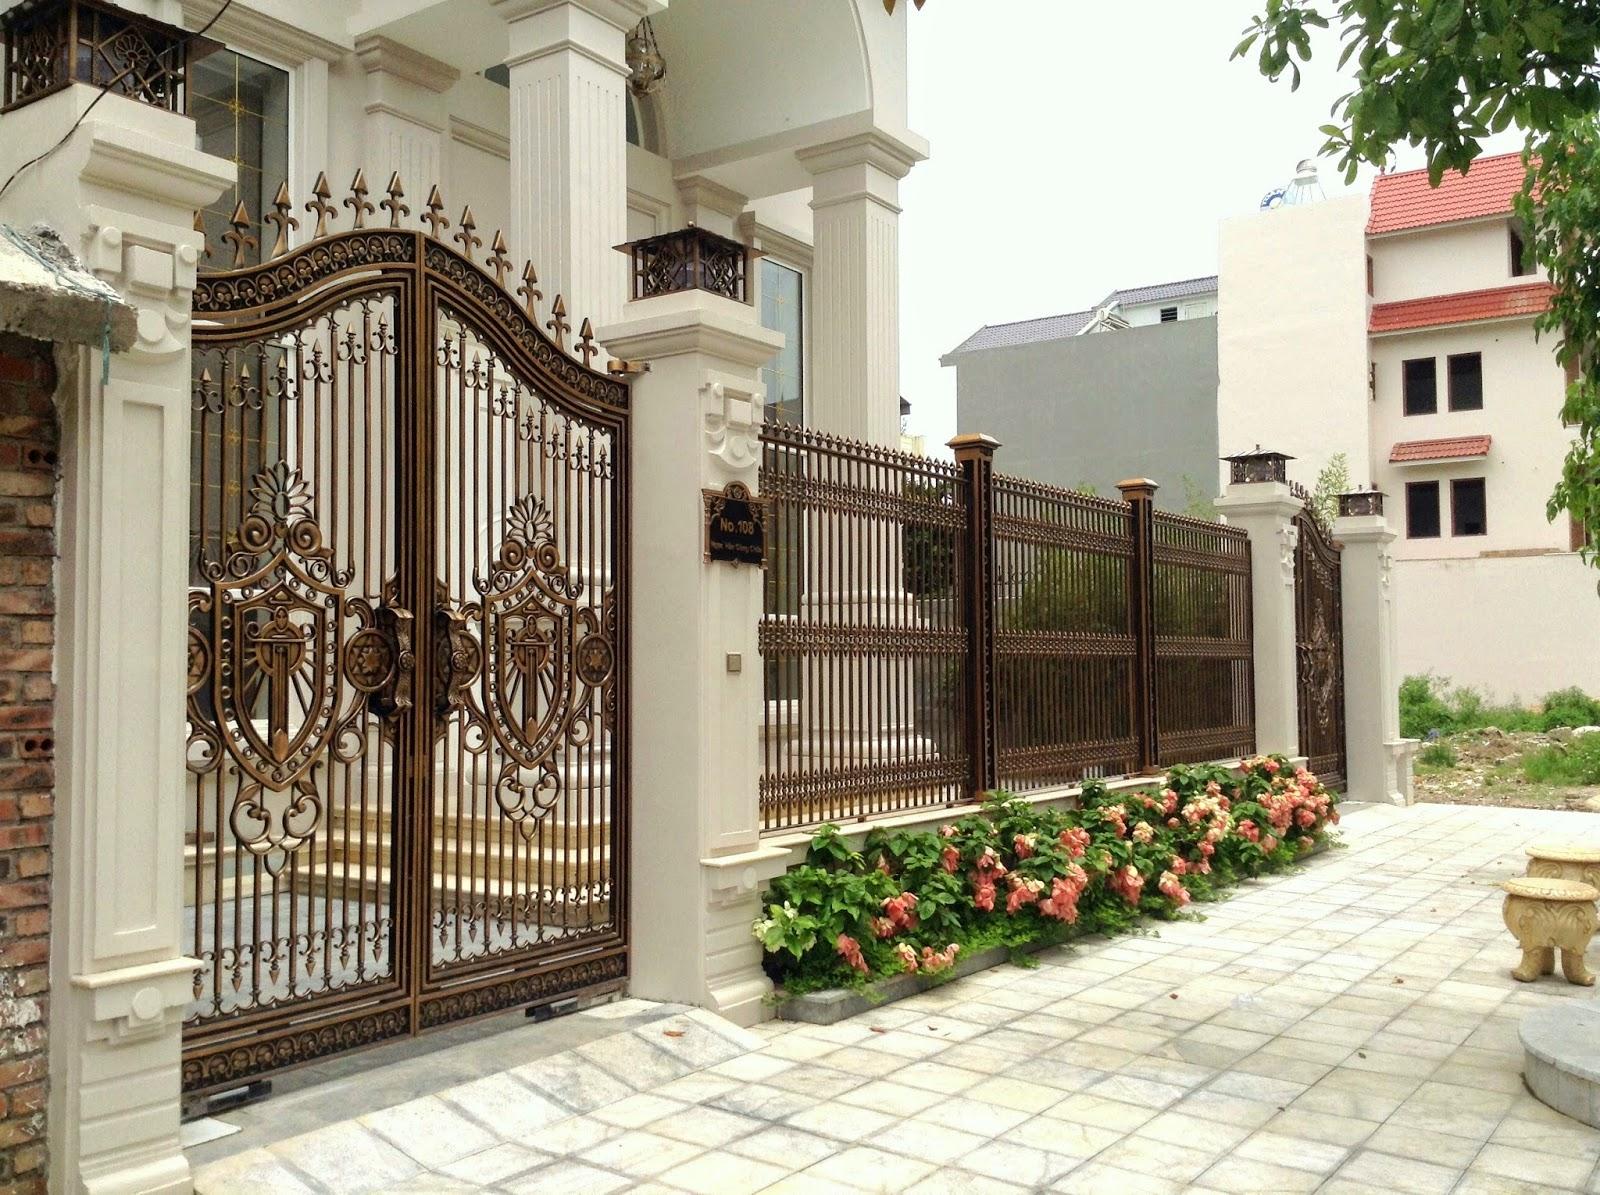 Giống như tác phẩm nghệ thuật tuyệt vời, cổng nhà phố hiện đại họa tiết hoàng gia là mẫu nhà hoàn hảo cho sự sang trọng